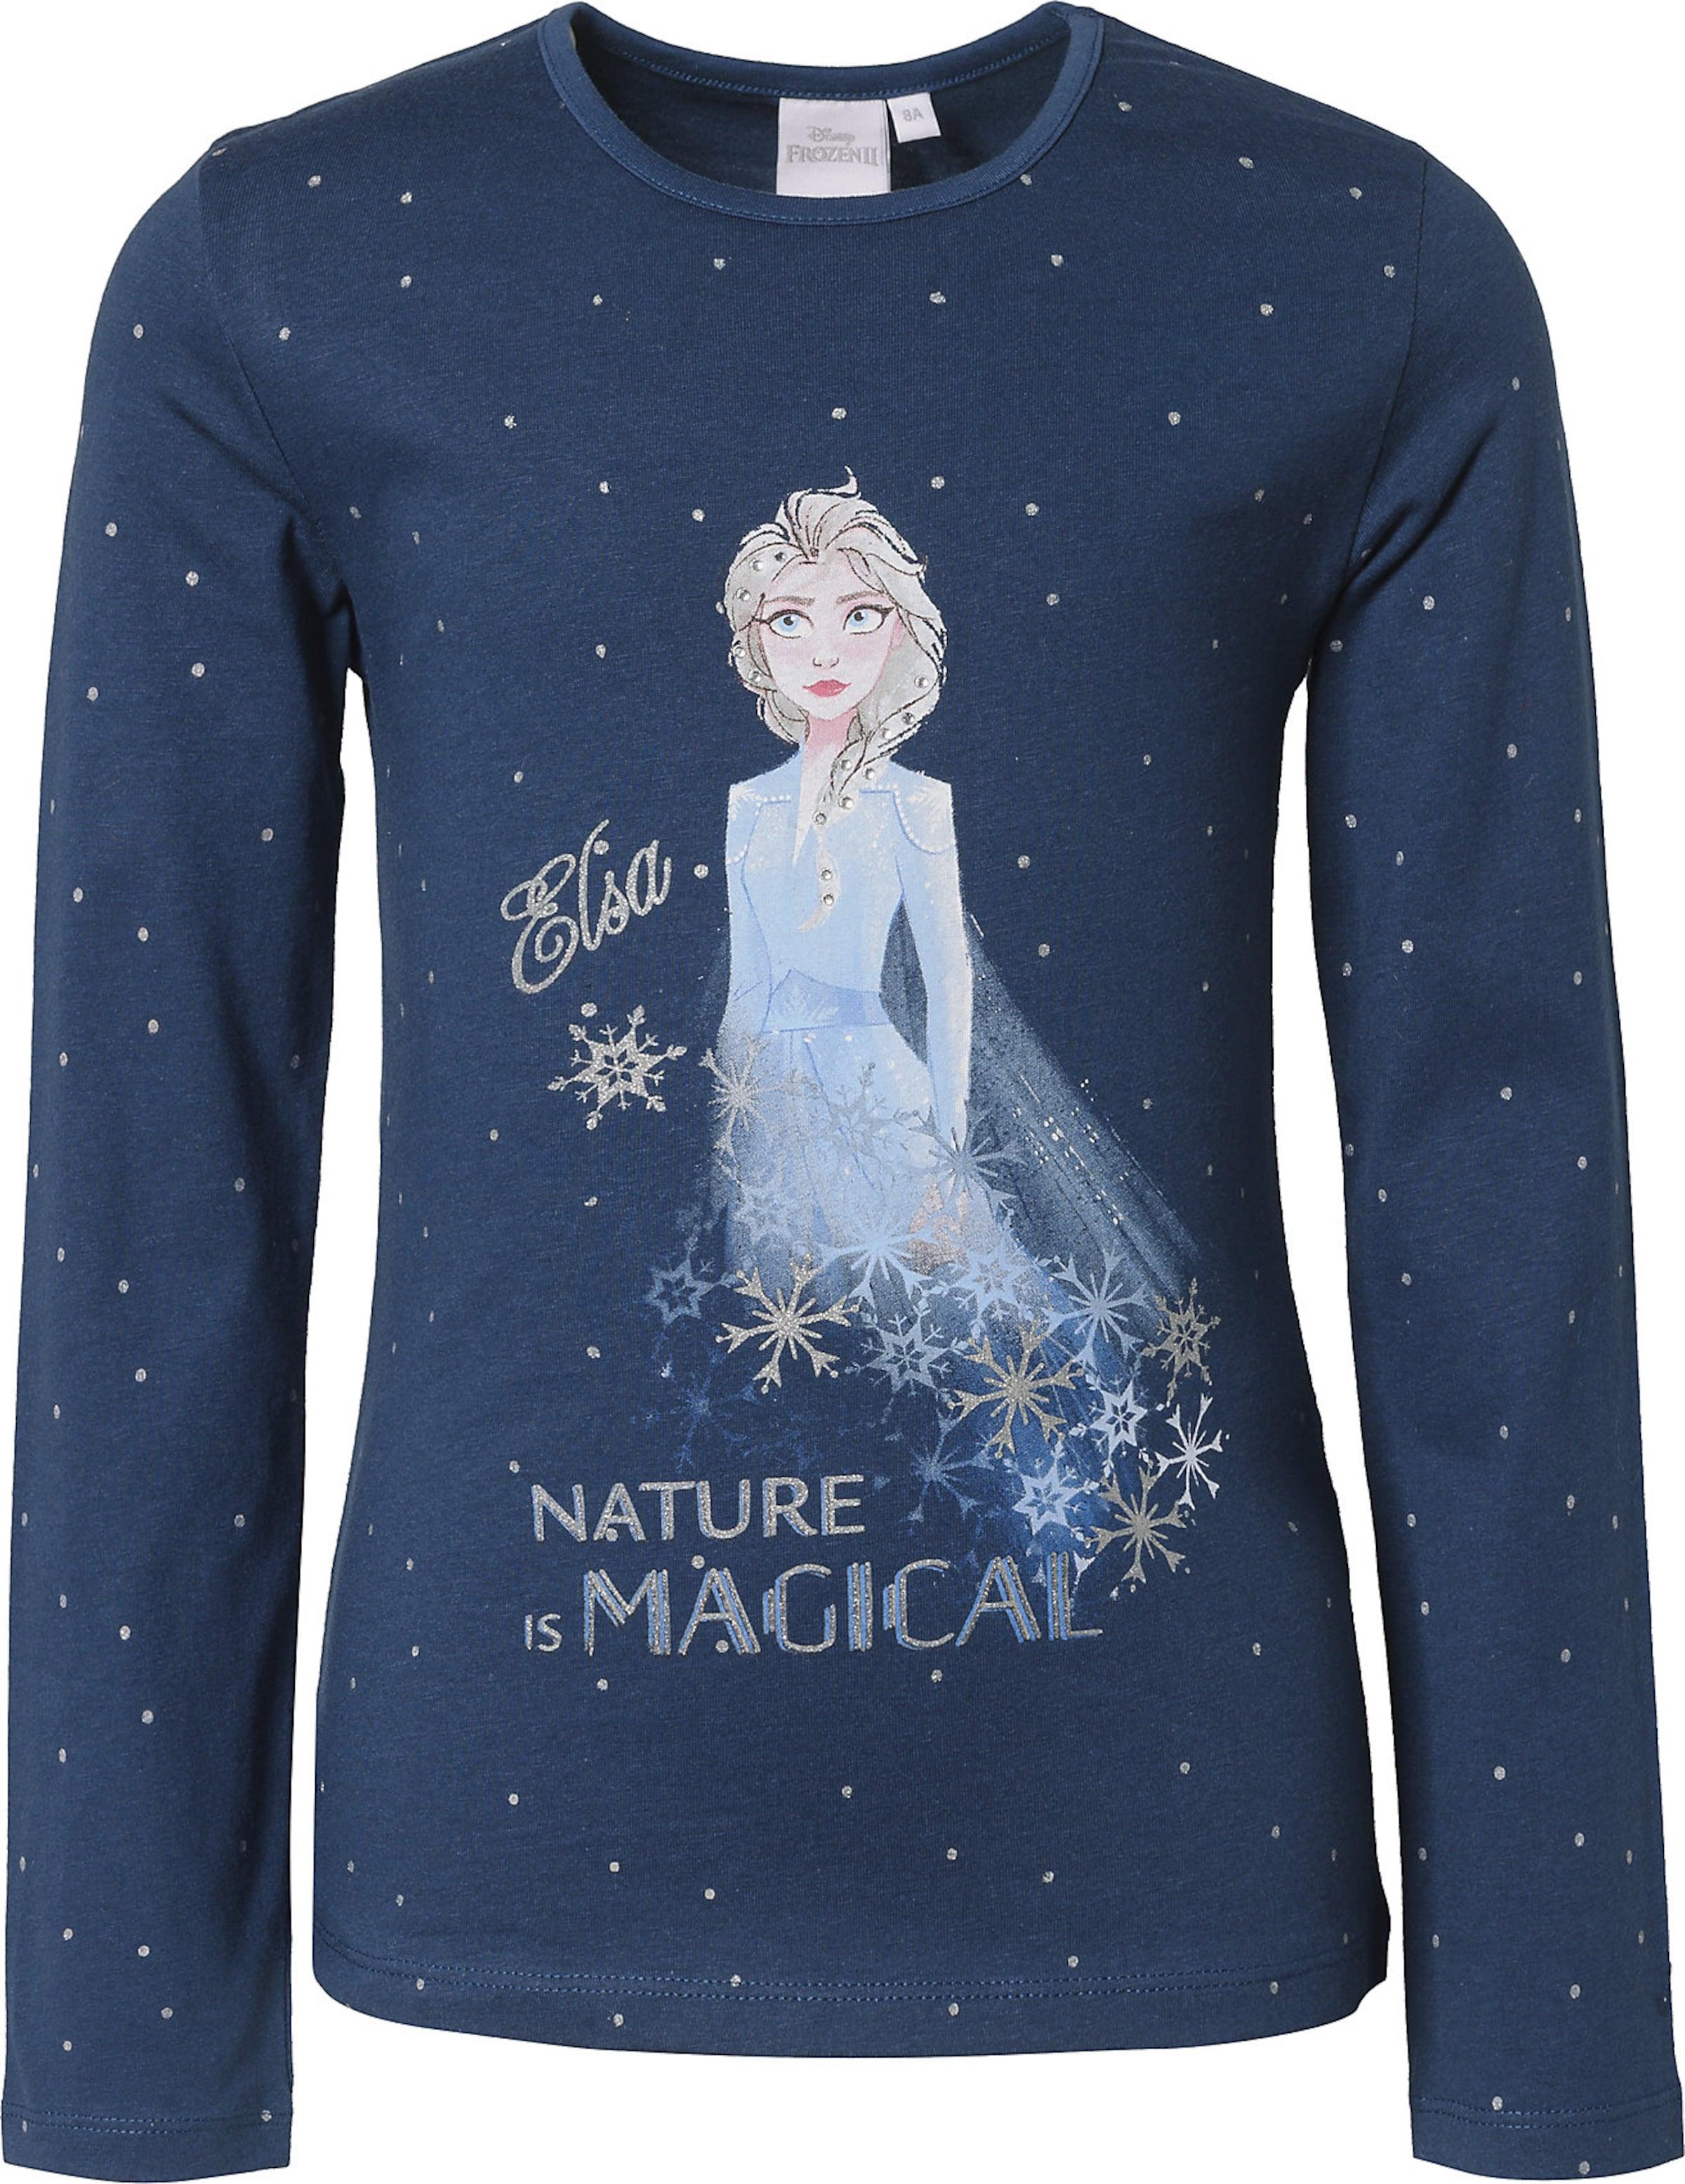 Kinder,  Mädchen,  Kinder Disney Shirt 'Die Eiskönigin' blau,  pink,  silber   03609084122973